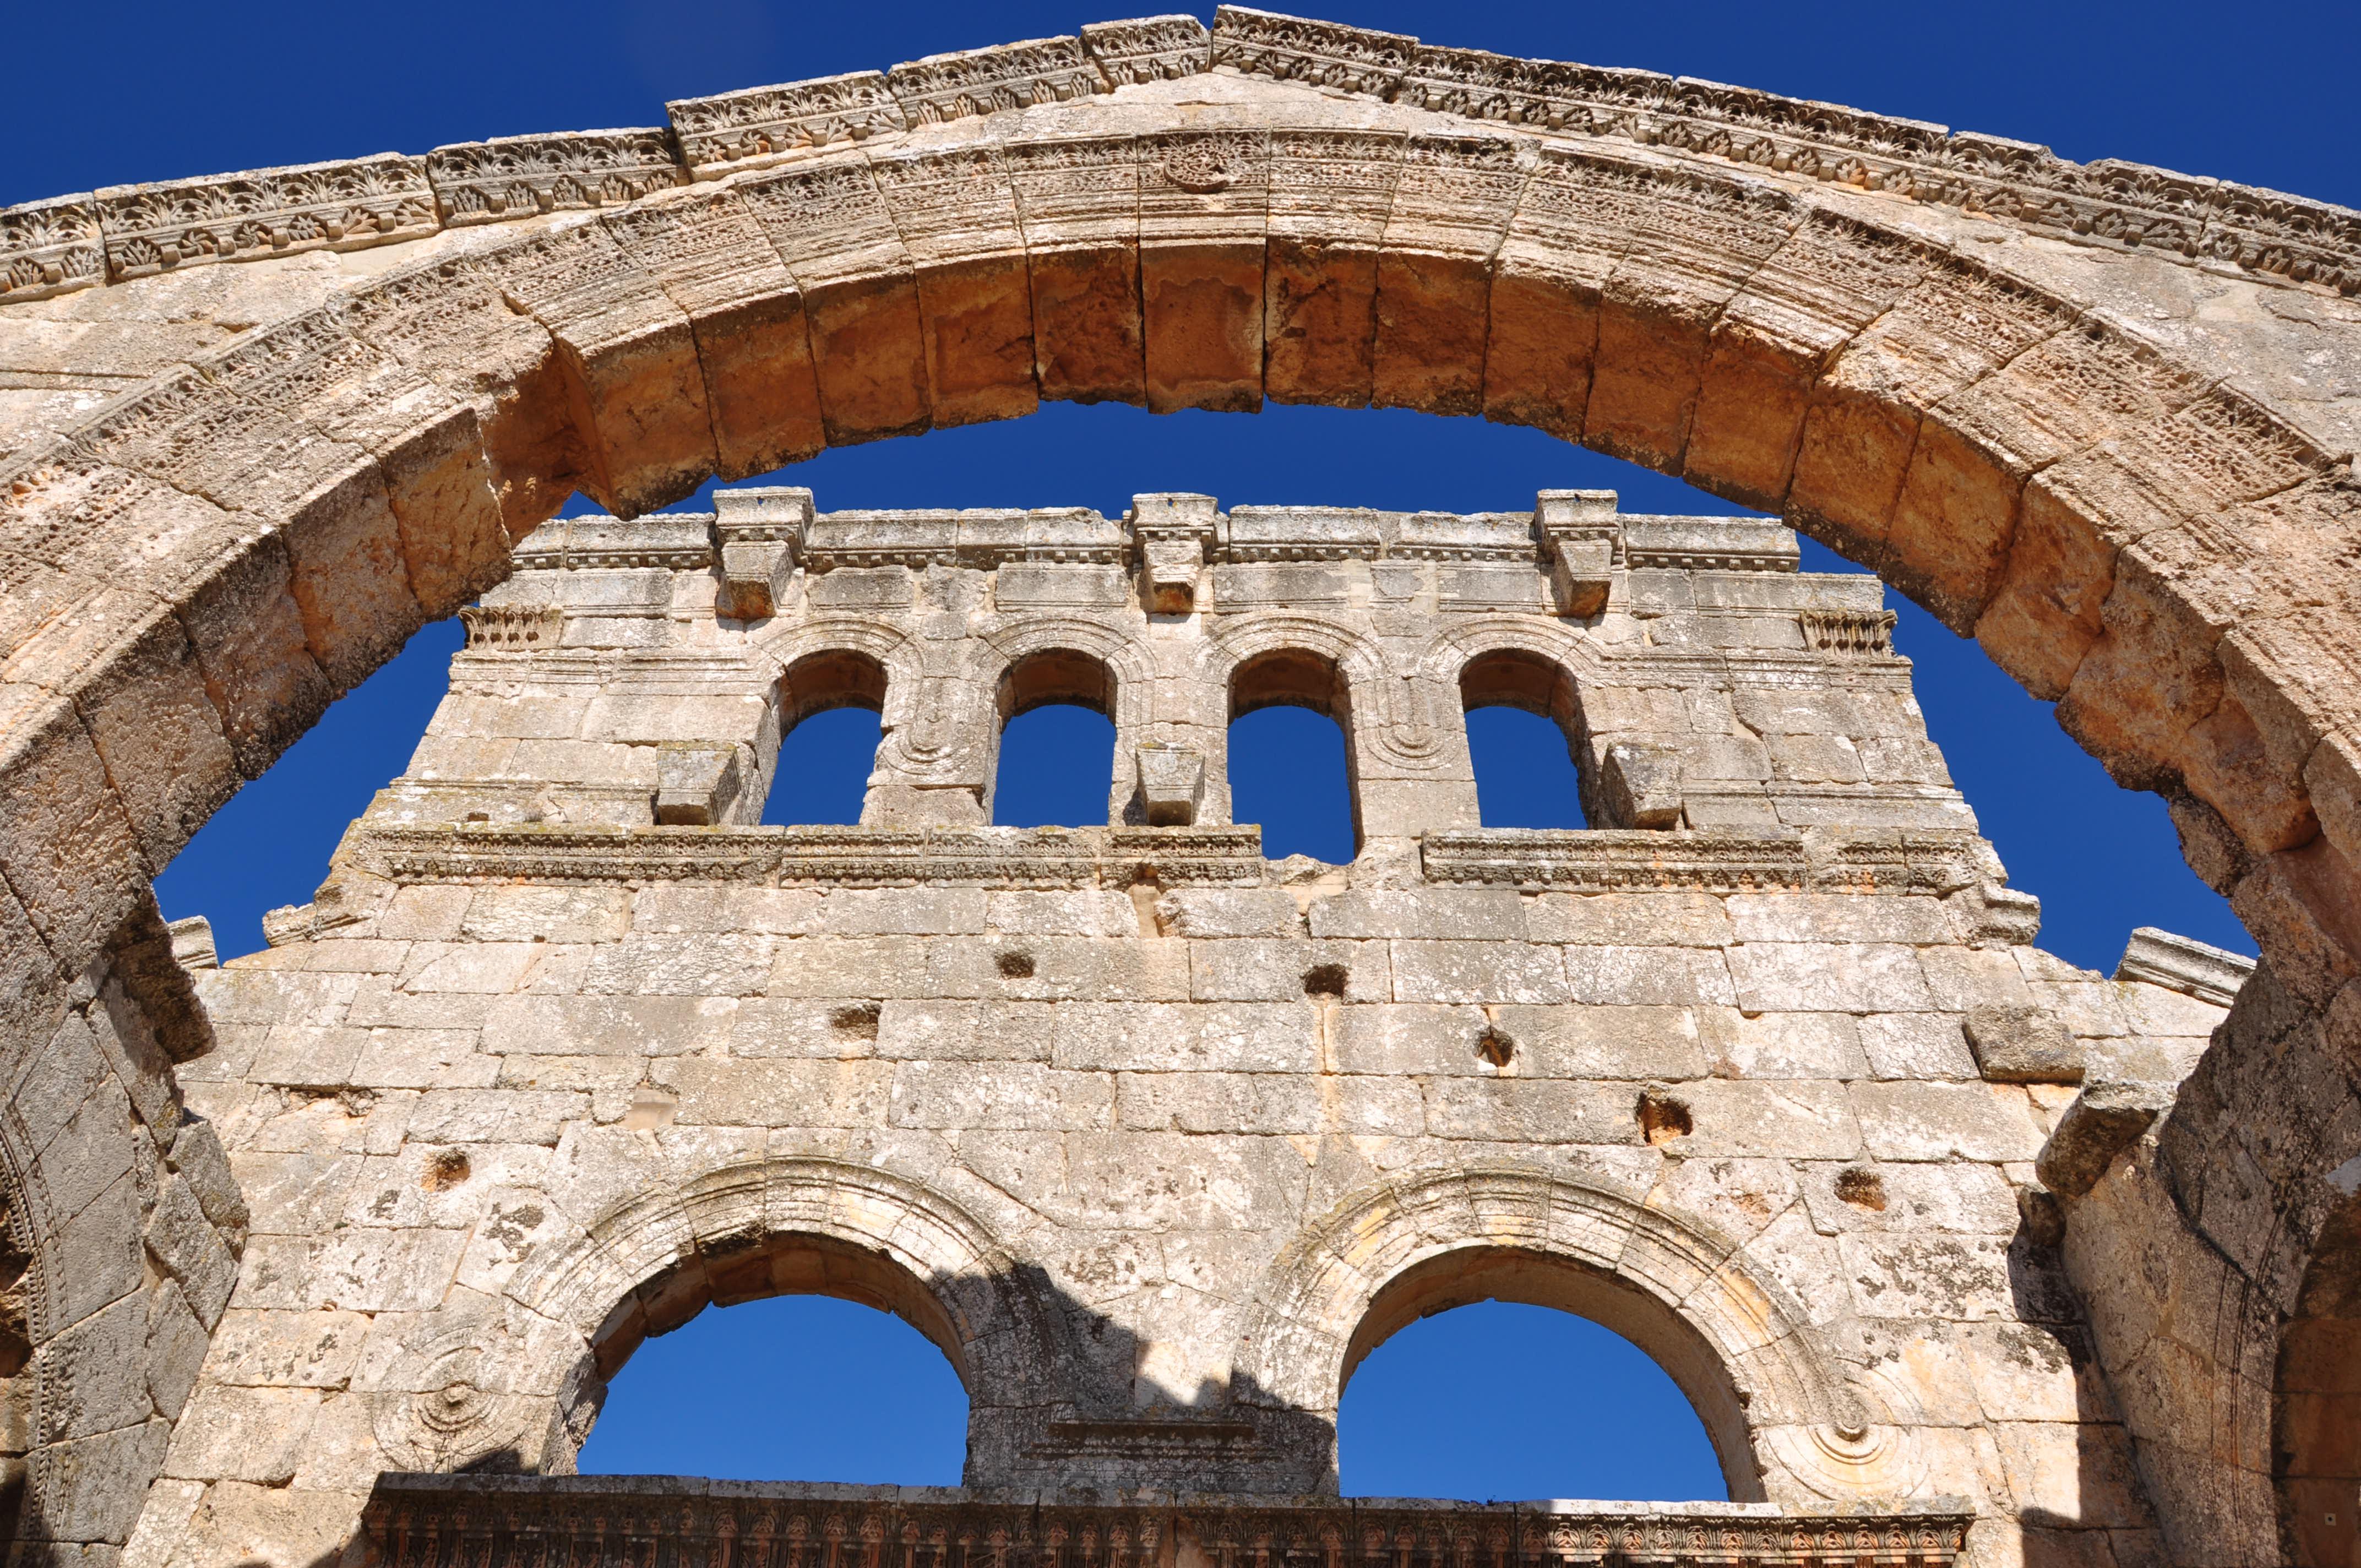 Luca Errera, Daniela Trastulli, Siria, città morte, Ancient Villages, Northern Syria Qalʿat Simʿān, basilica San Simeone Stilita